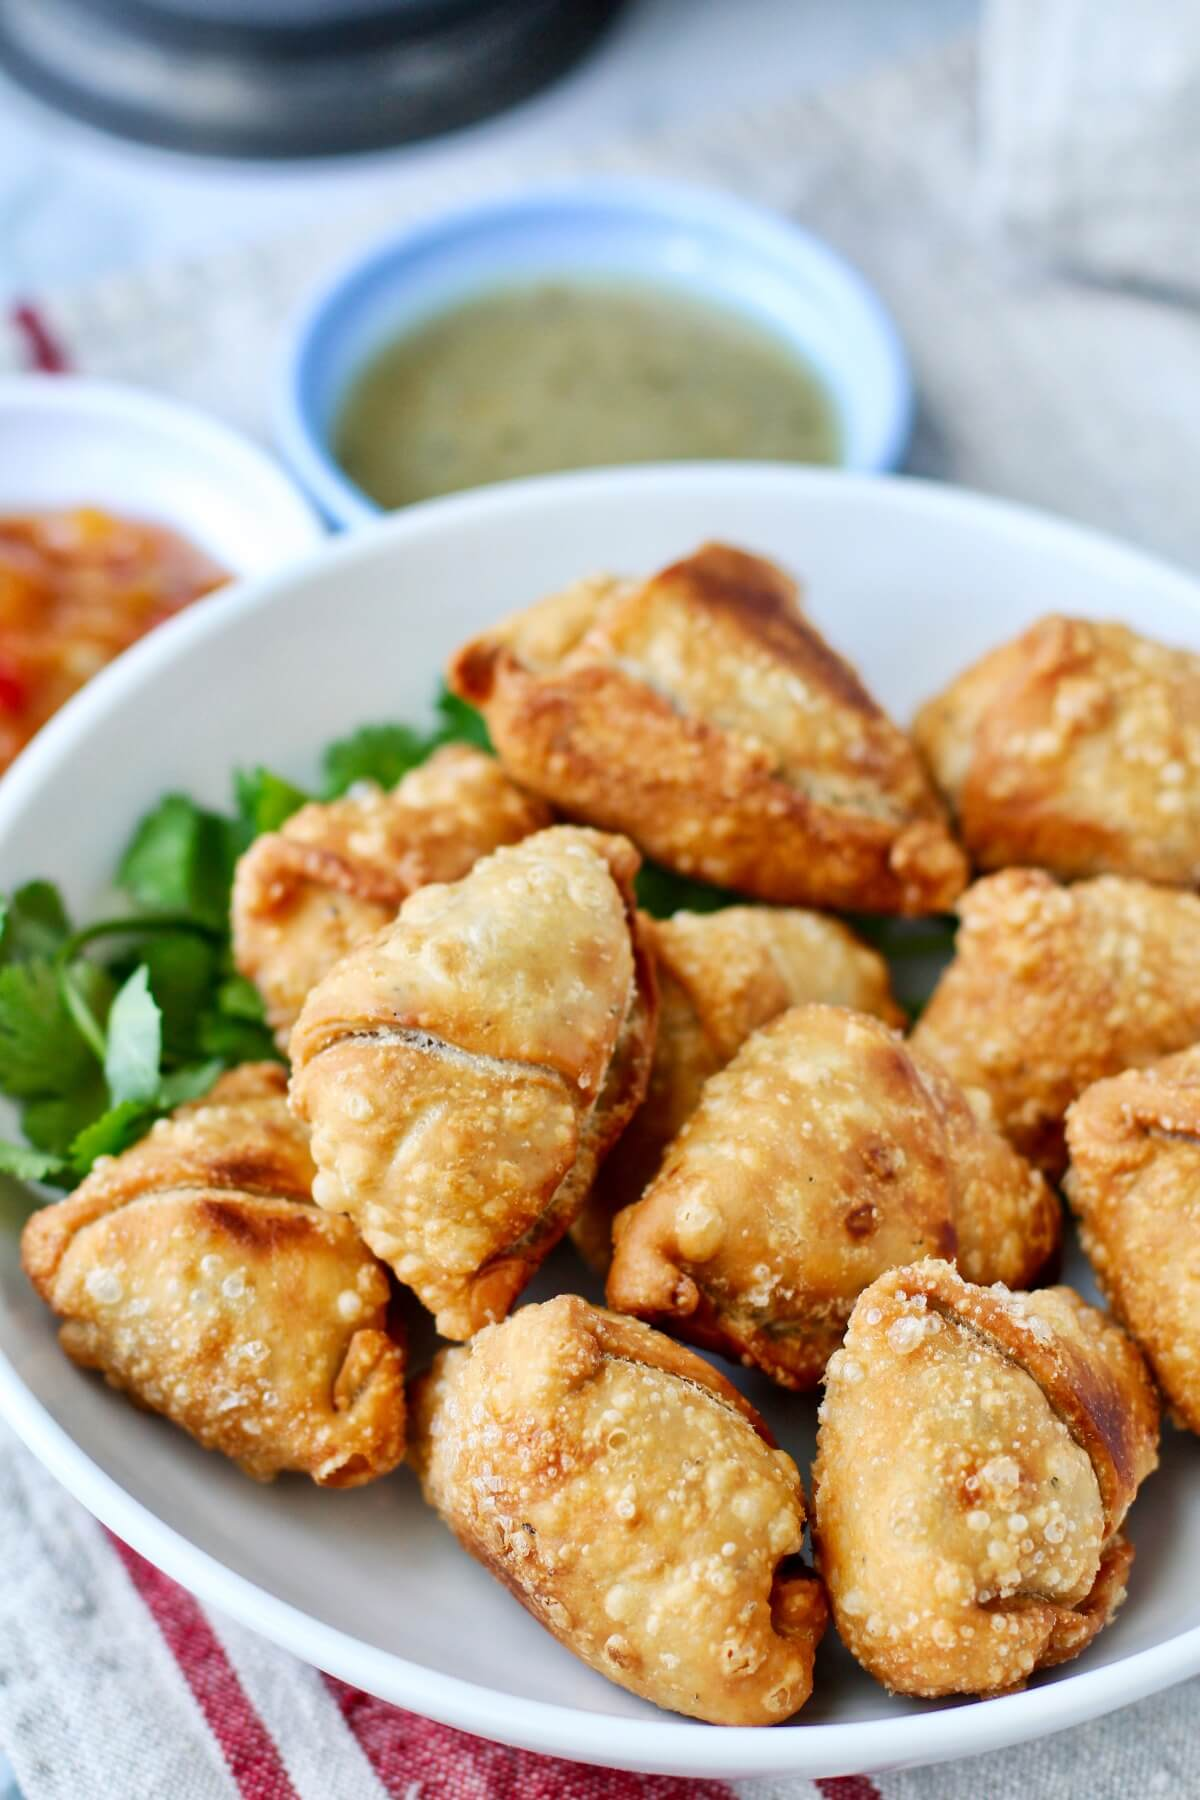 Potato (Aloo) and Pea Samosas